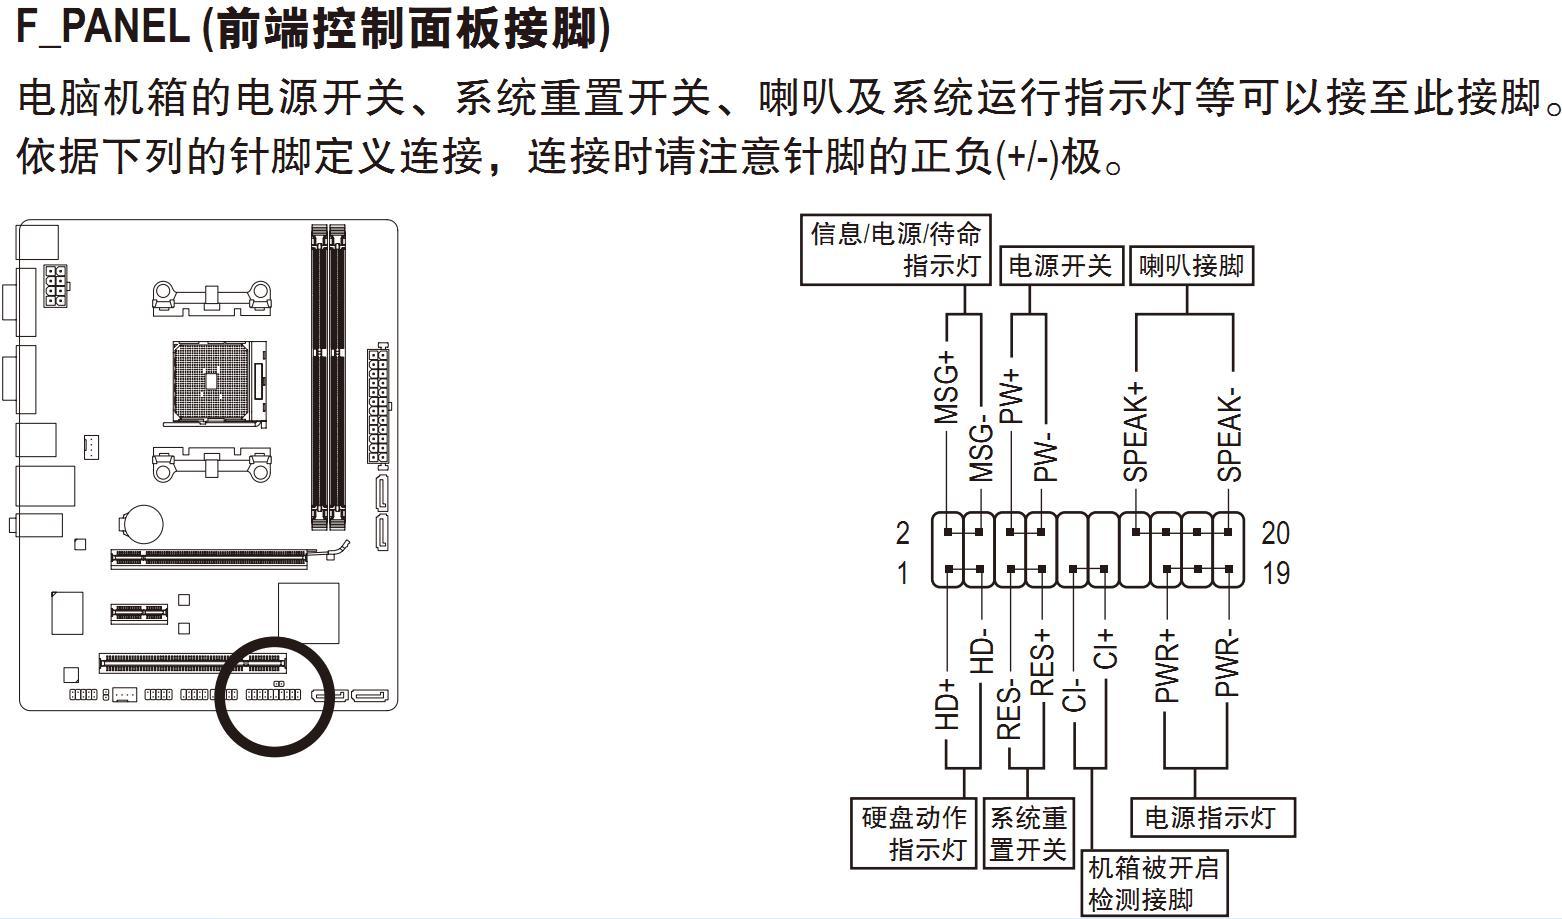 技嘉ga-f2a55m-ds2主板接线图解,谁知道啊,教教我,谢谢!